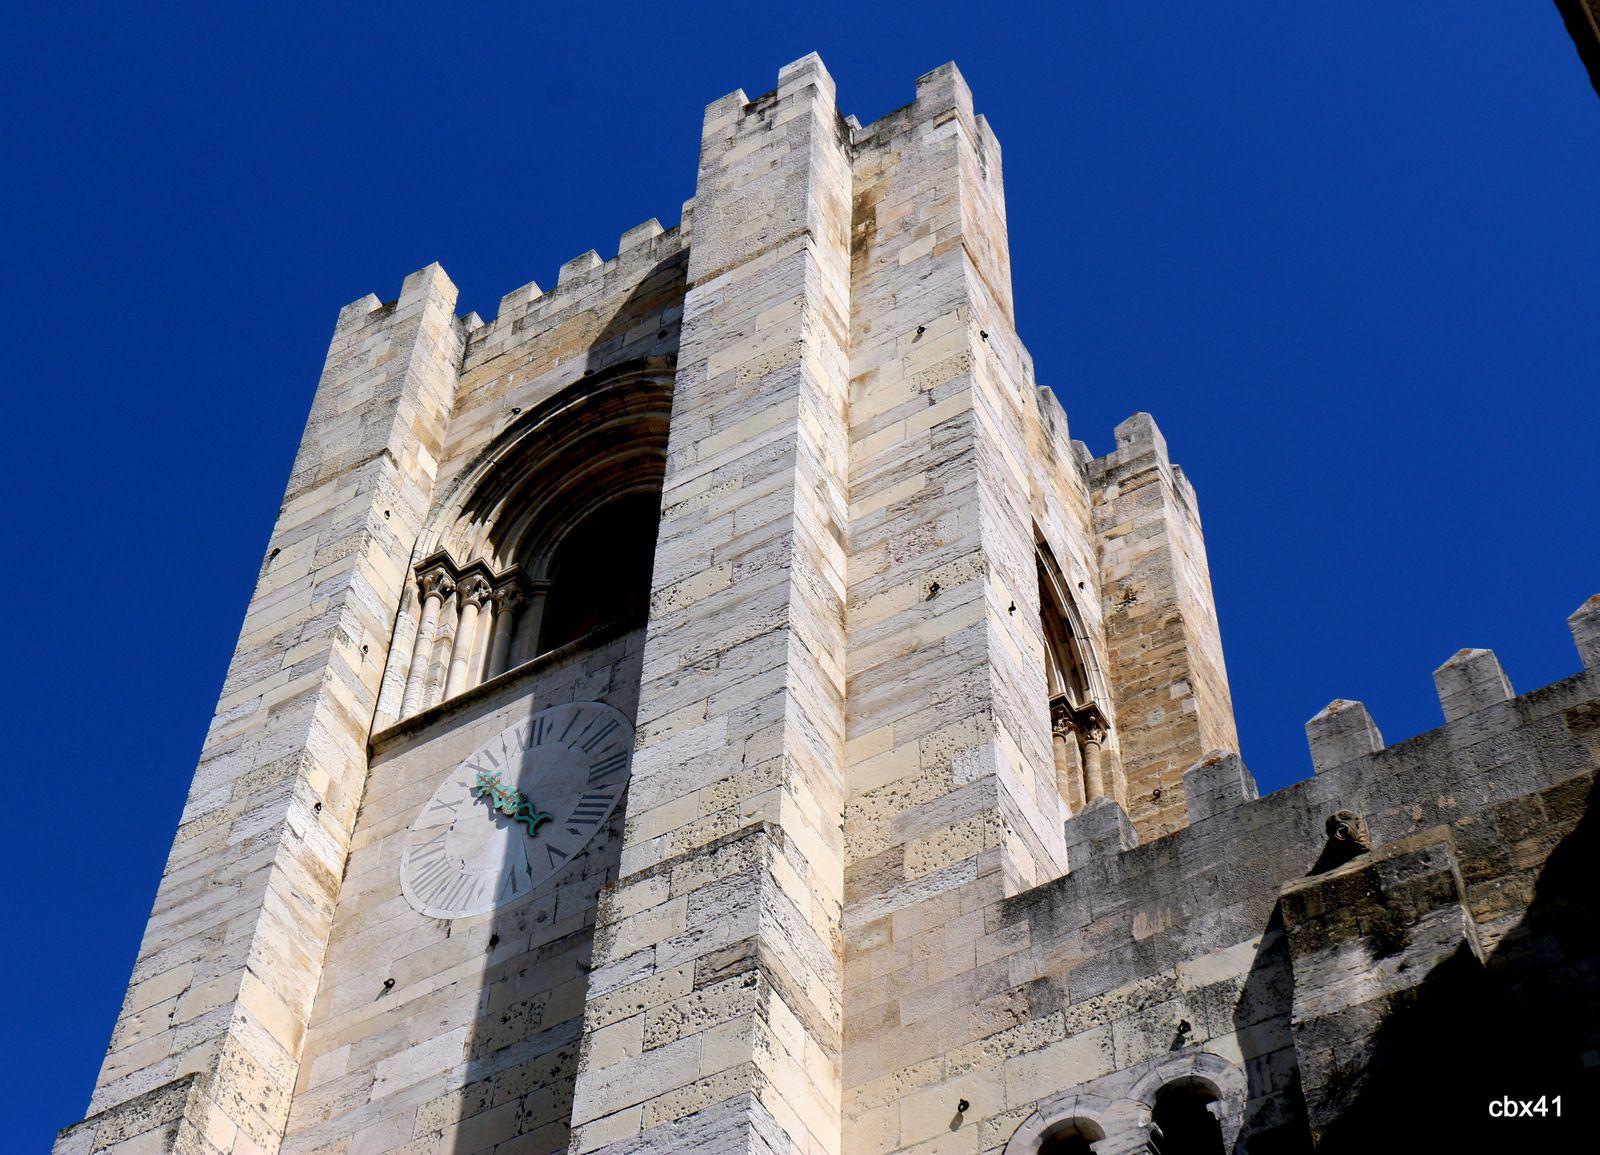 Cathédrale Santa Maria Maior de Lisbonne (1/2)